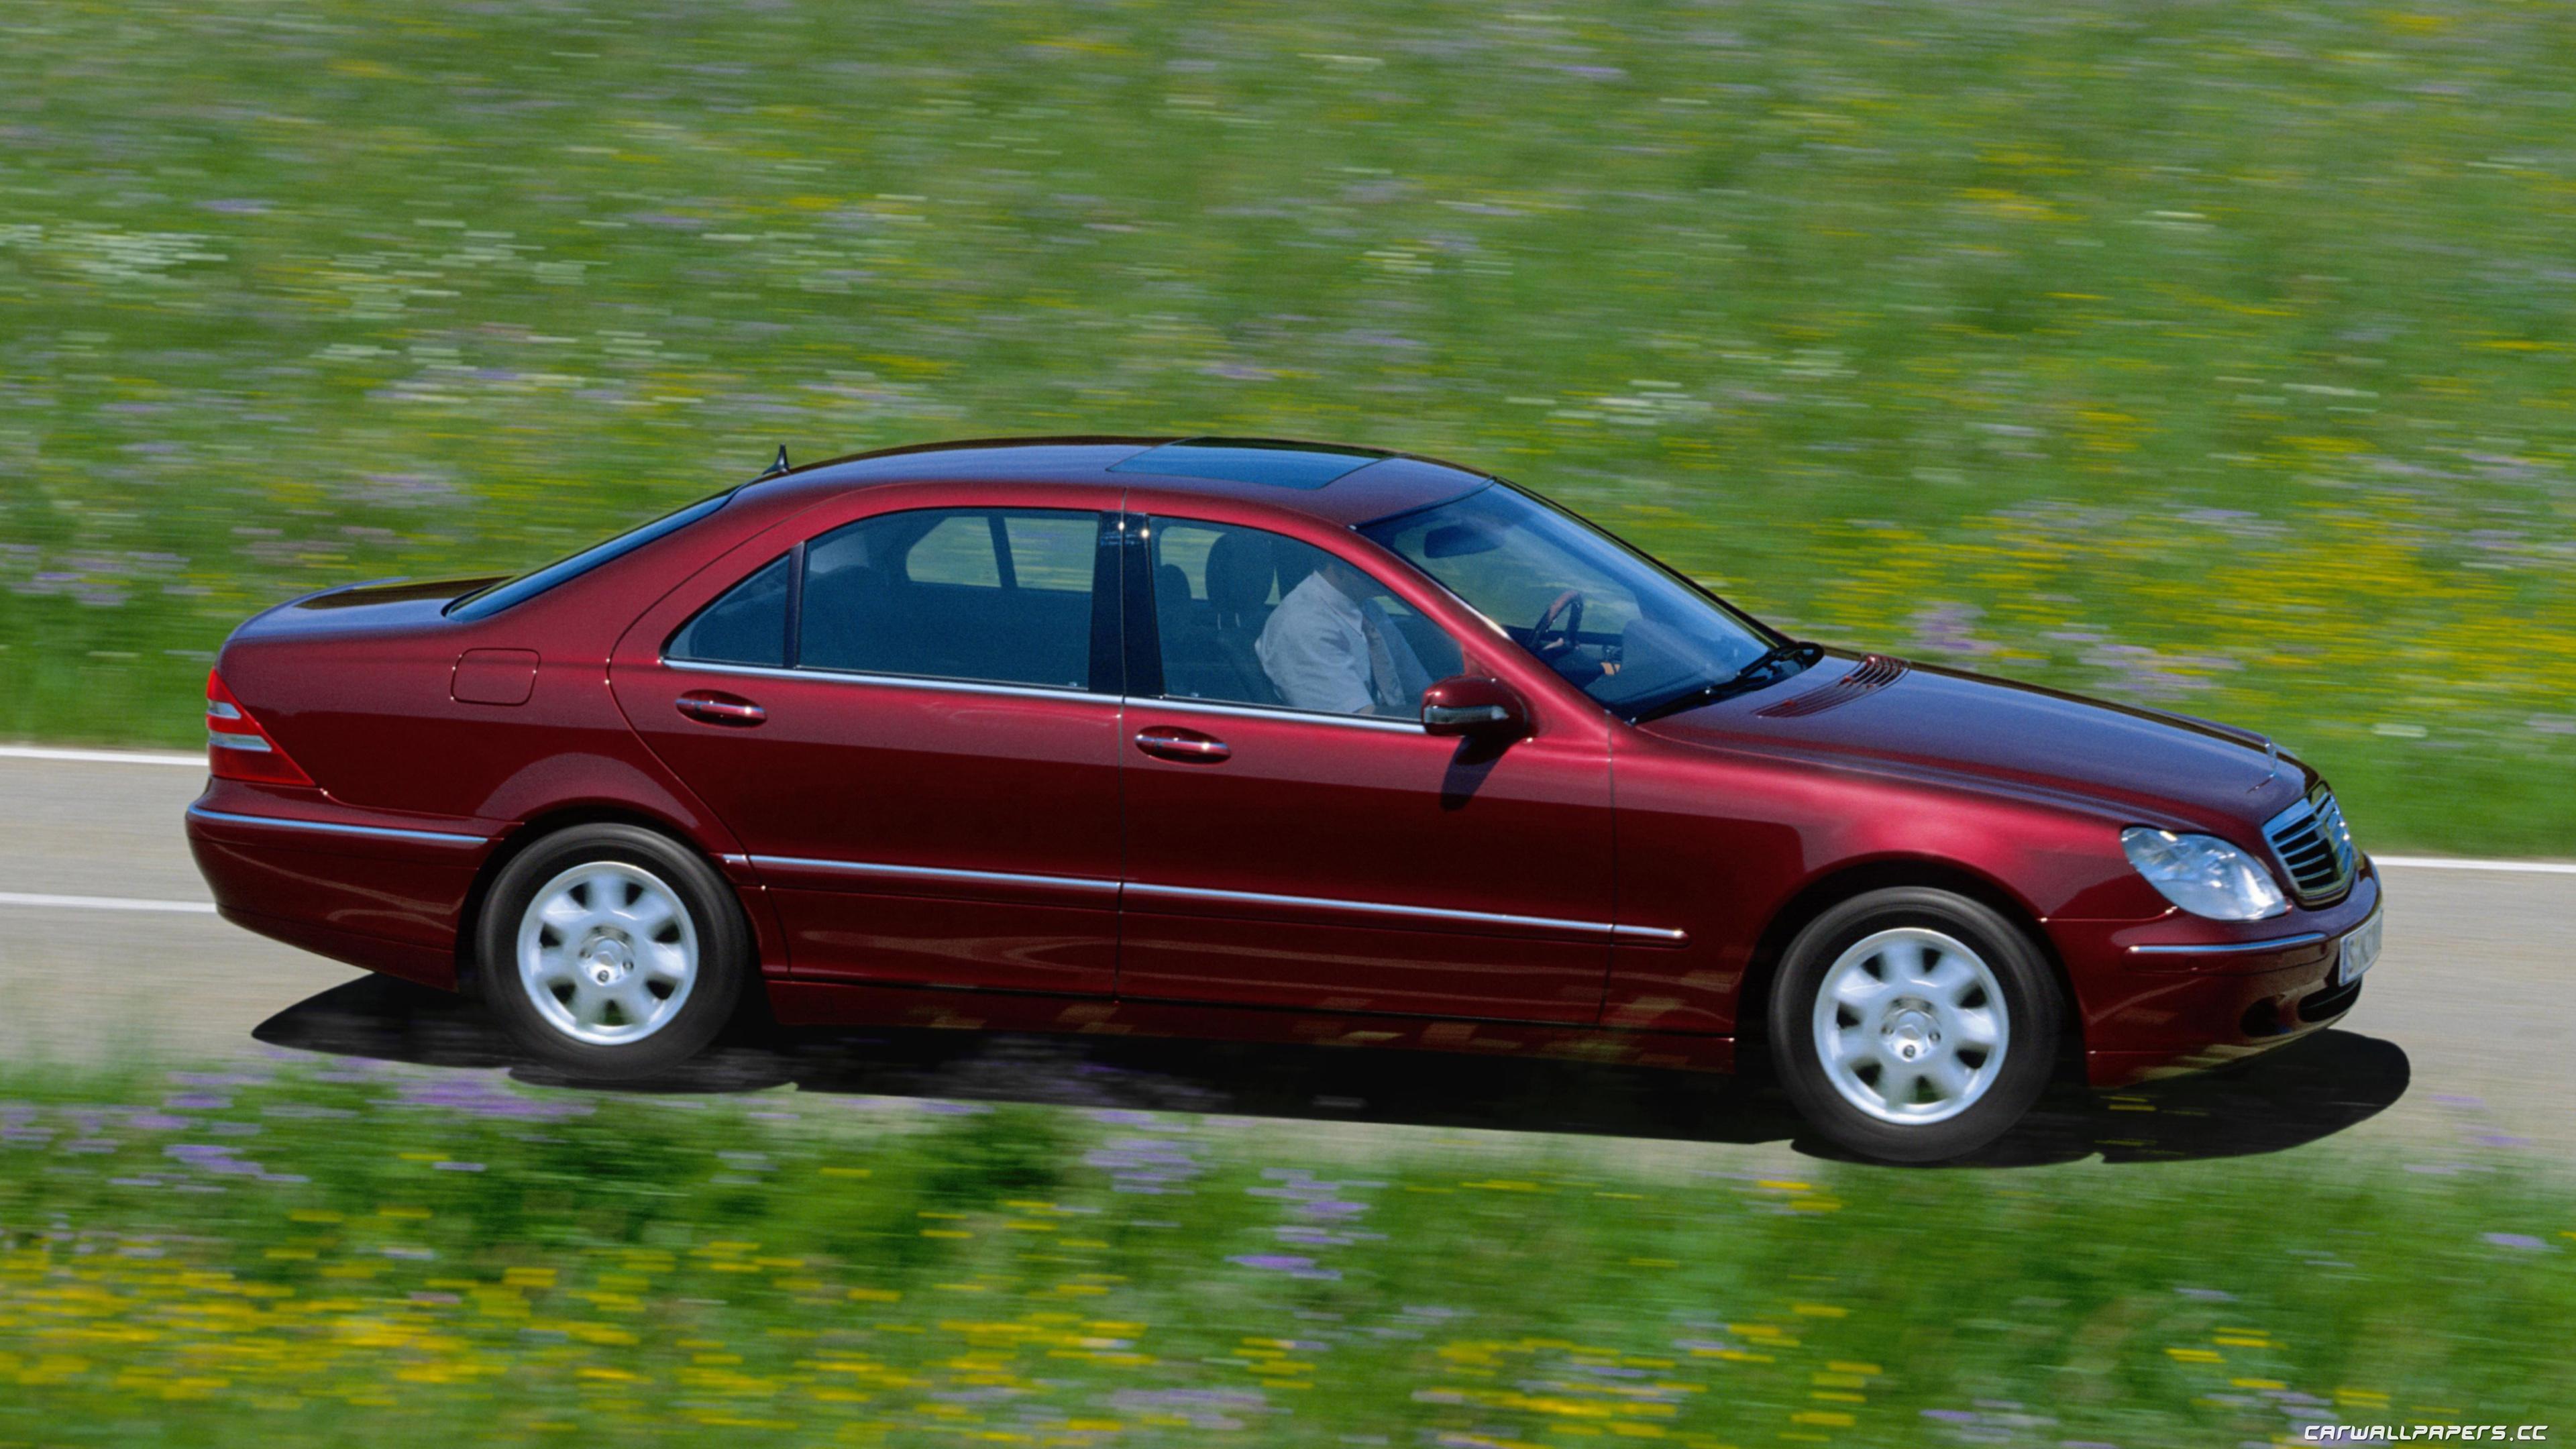 Cars desktop wallpapers Mercedes-Benz S400 L CDI W220 - 1999